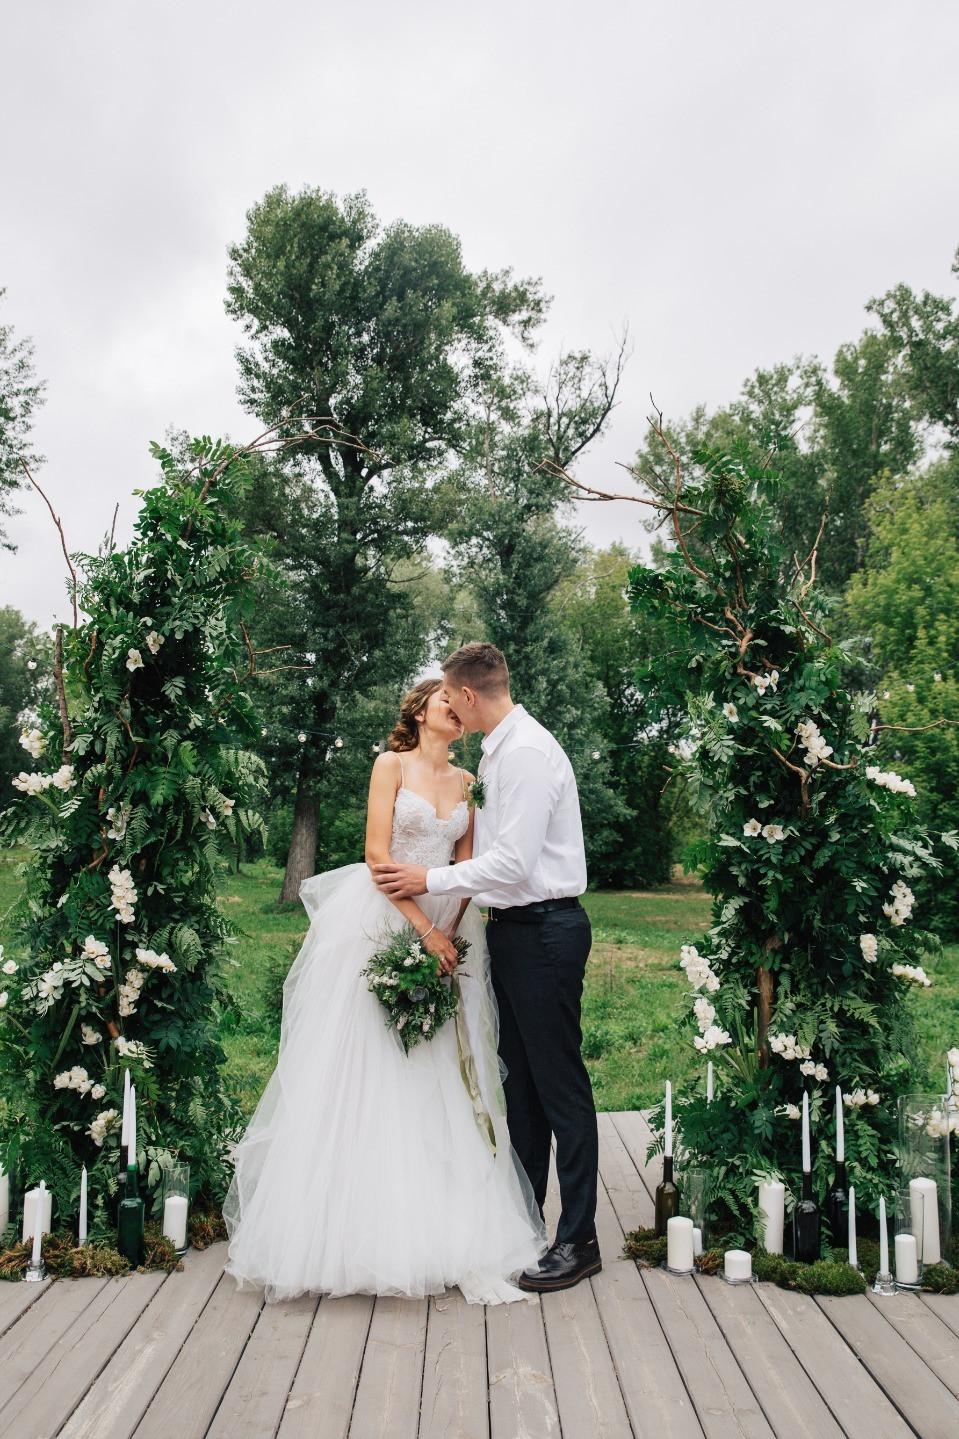 Сказка северного леса: белоснежная свадьба в стиле эко